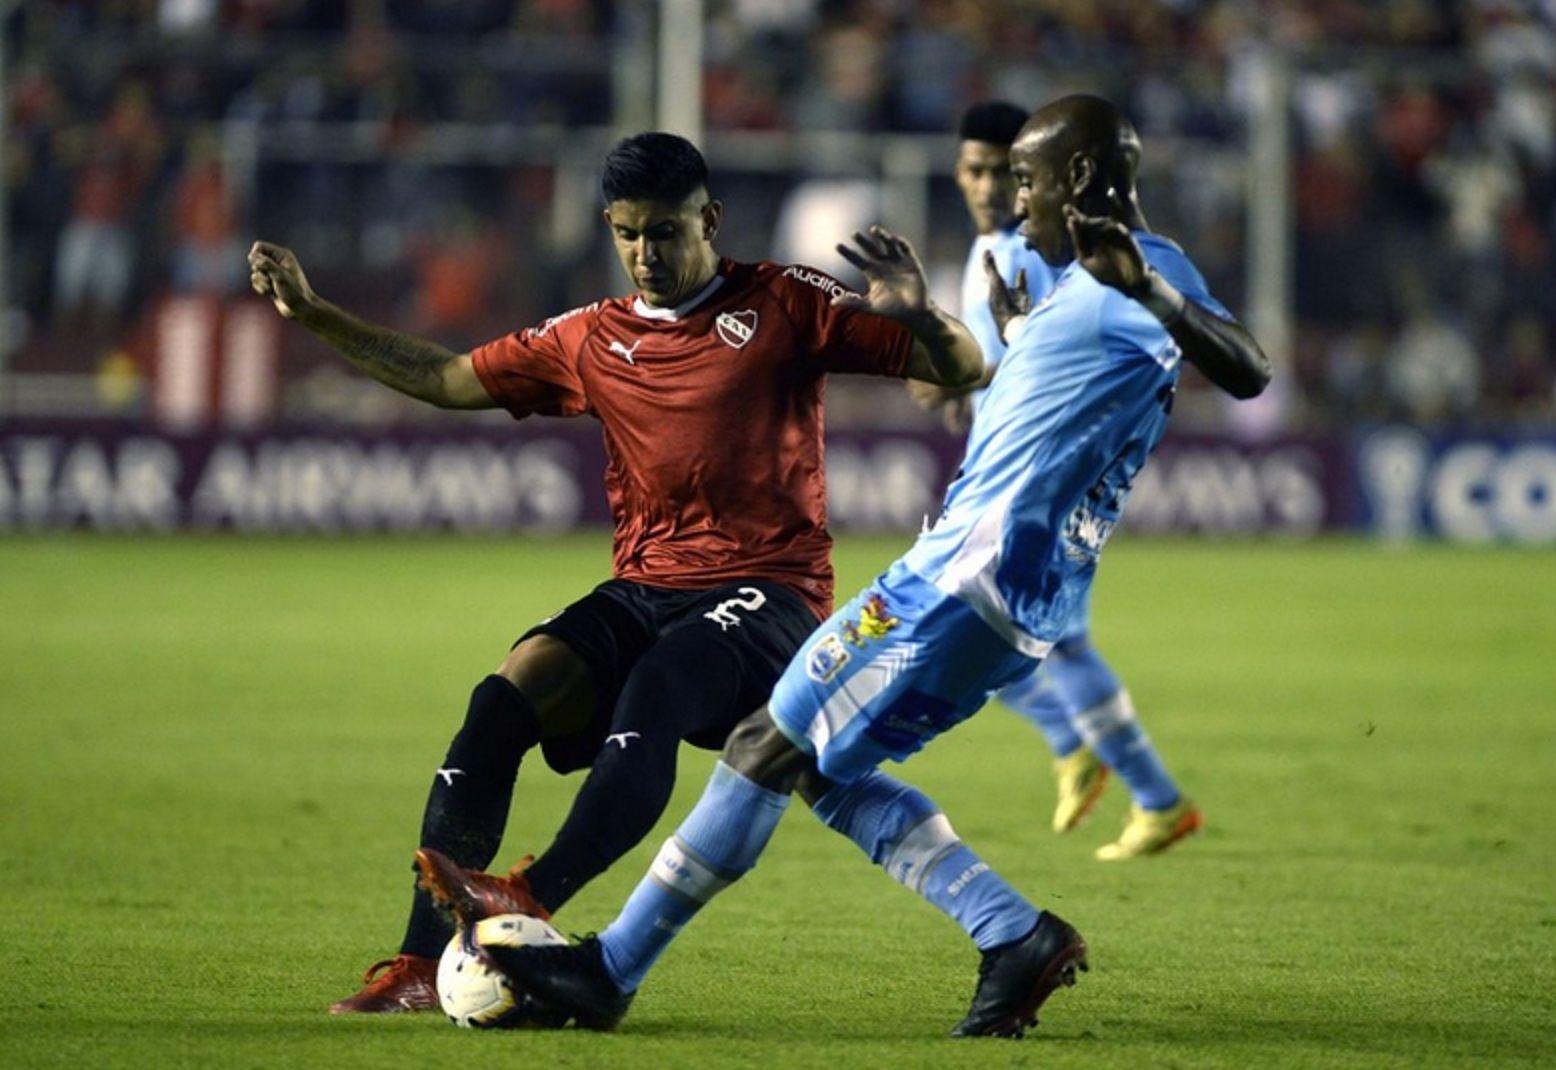 Binacional vs Independiente por la Copa Sudamericana: horario, formaciones y TV